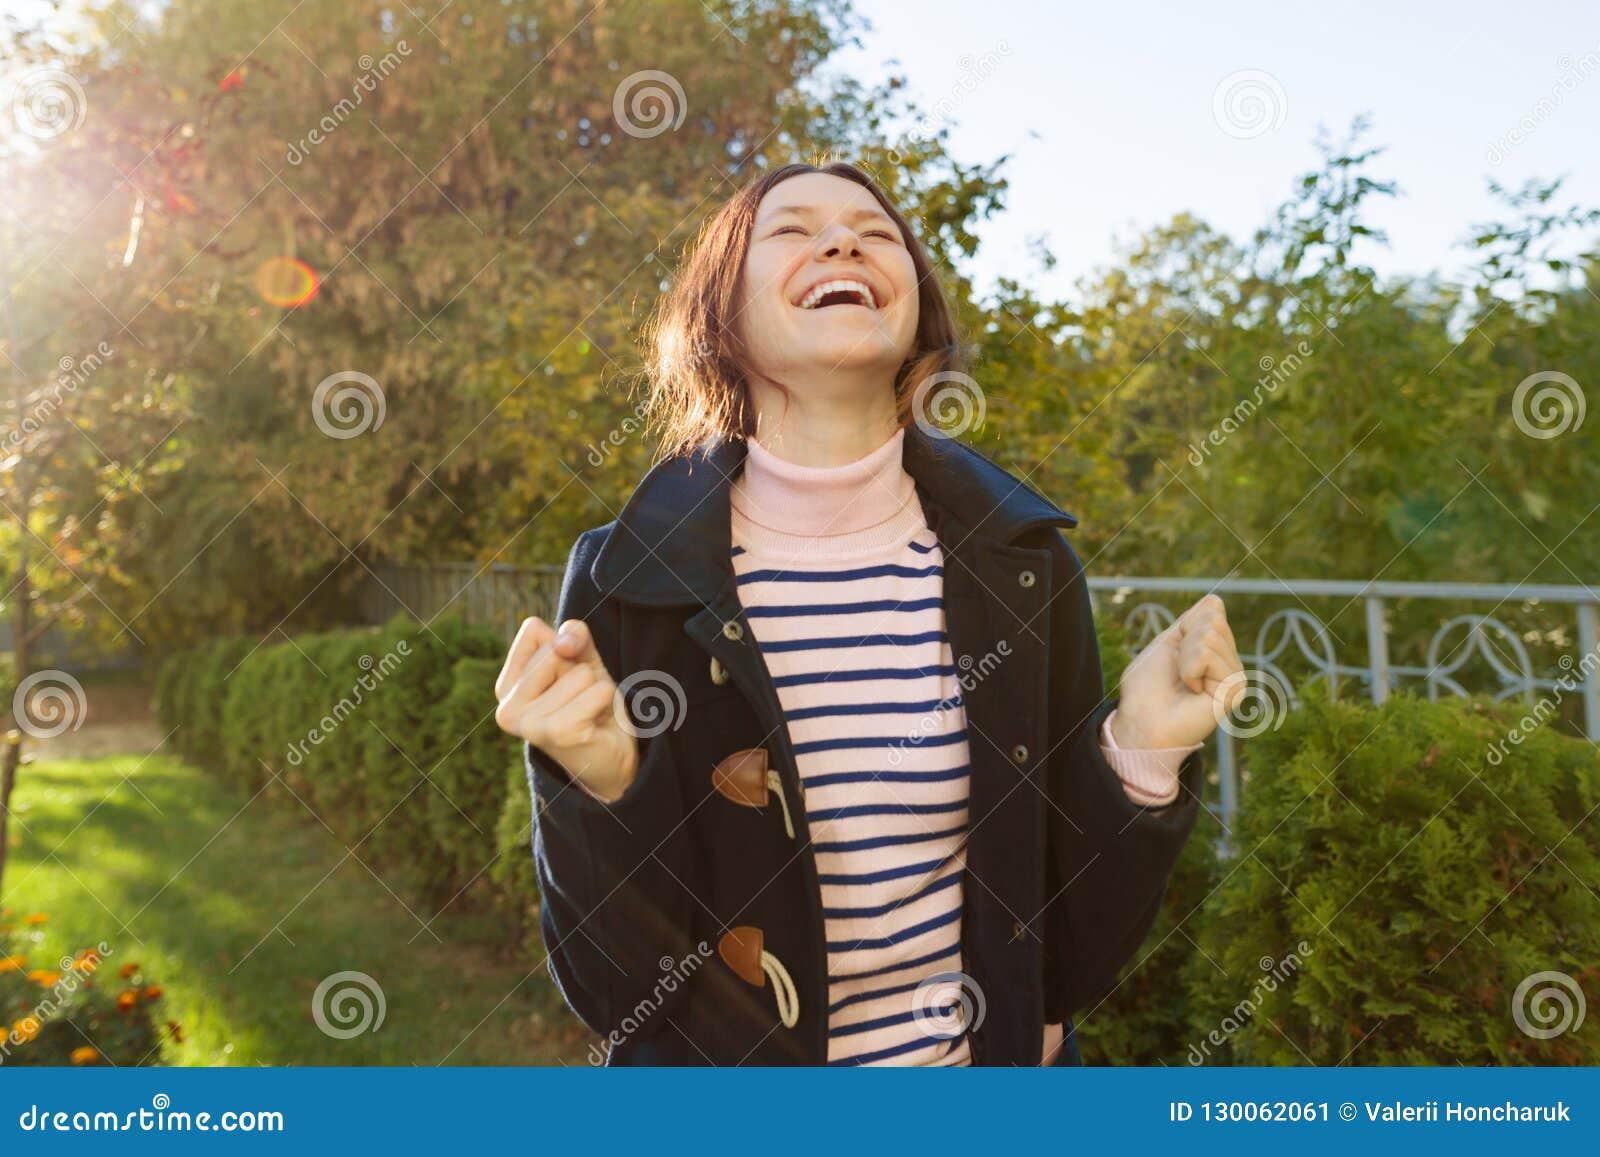 Porträt im Freien eines Mädchens des jungen jugendlich mit einem Gefühl des Glückes, Erfolg, Sieg, goldene Stunde